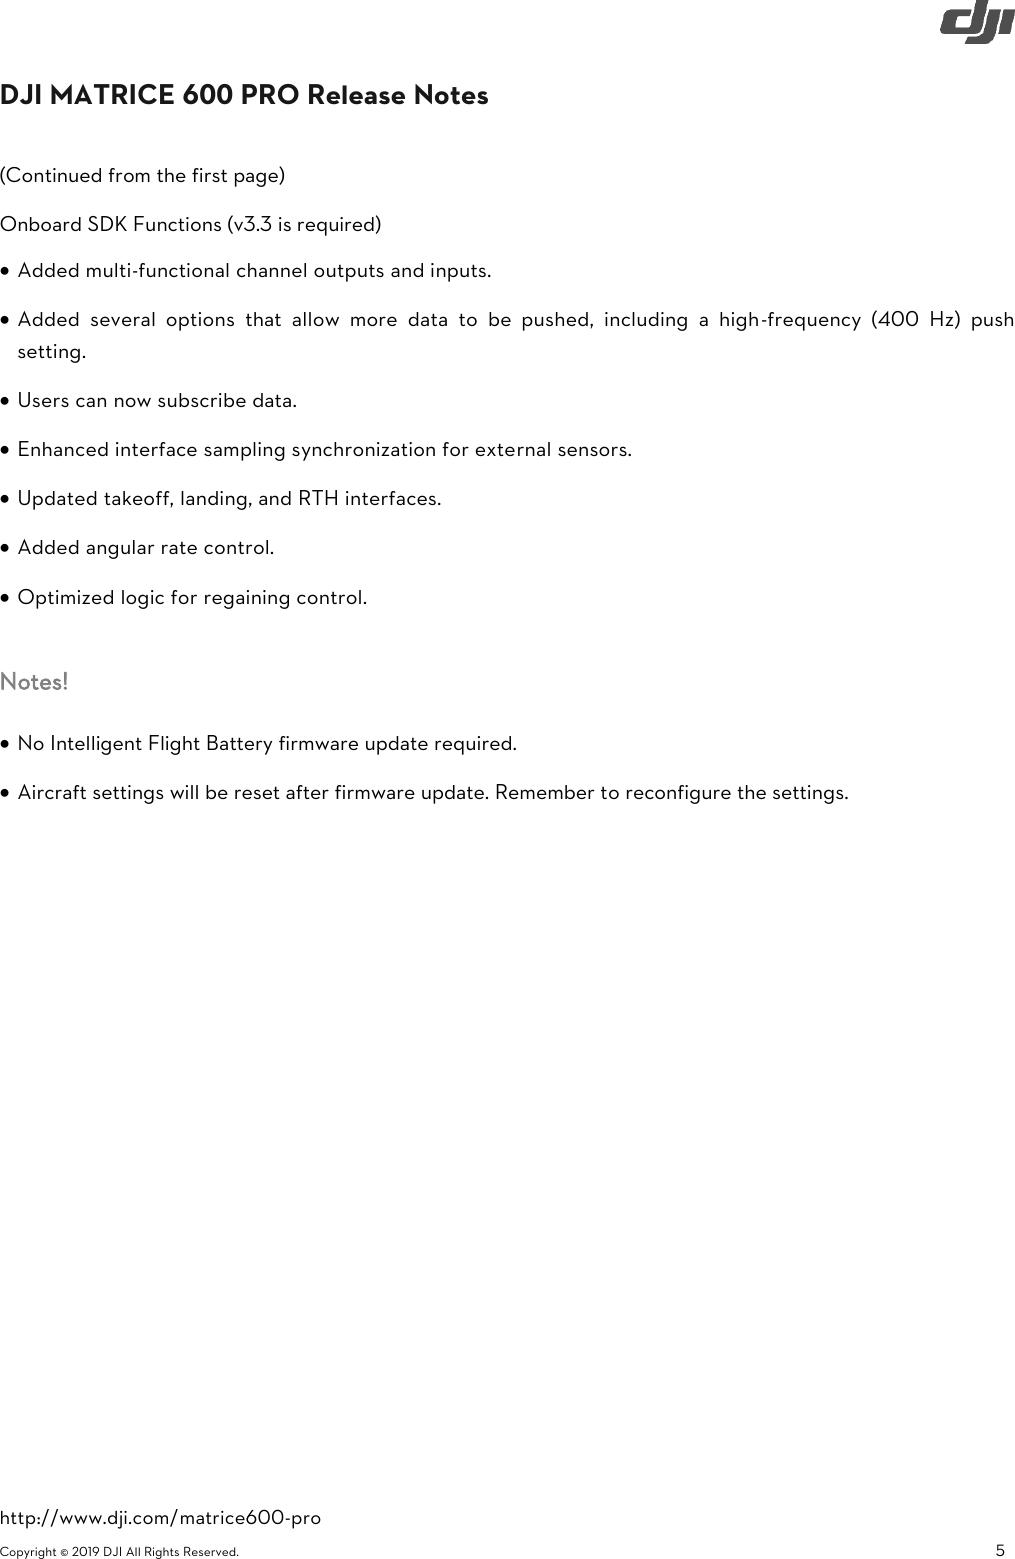 DJI Matrice 600 Pro Specs, FAQ, Tutorials And S User Manual M600